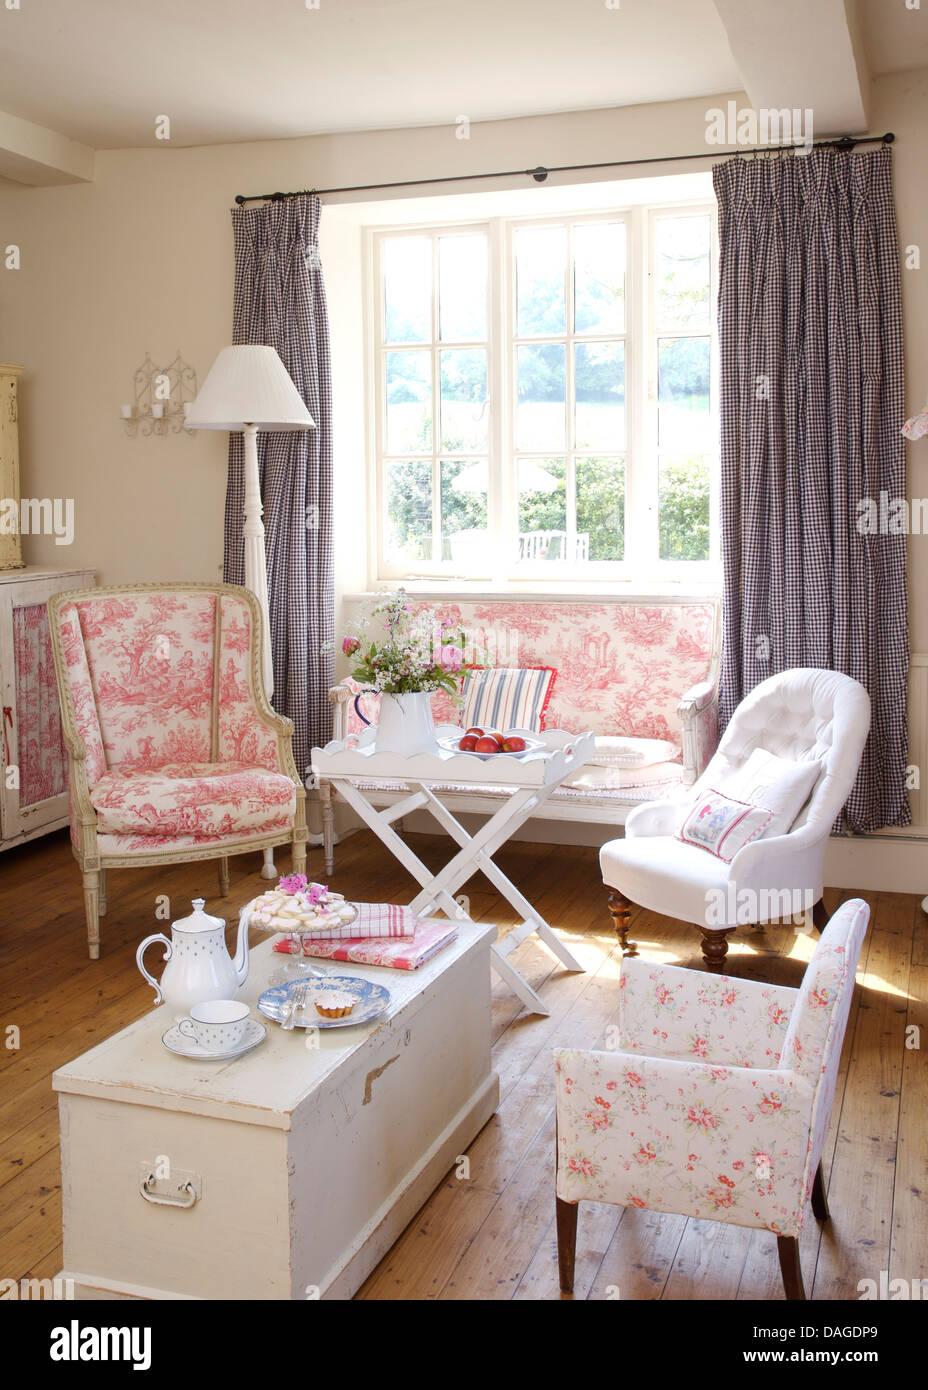 Rosa Toile De Joule Stuhl Und Kleines Sofa Im Ferienhaus Wohnzimmer Mit  Weißen Sessel Und Weiß Bemalt Brust